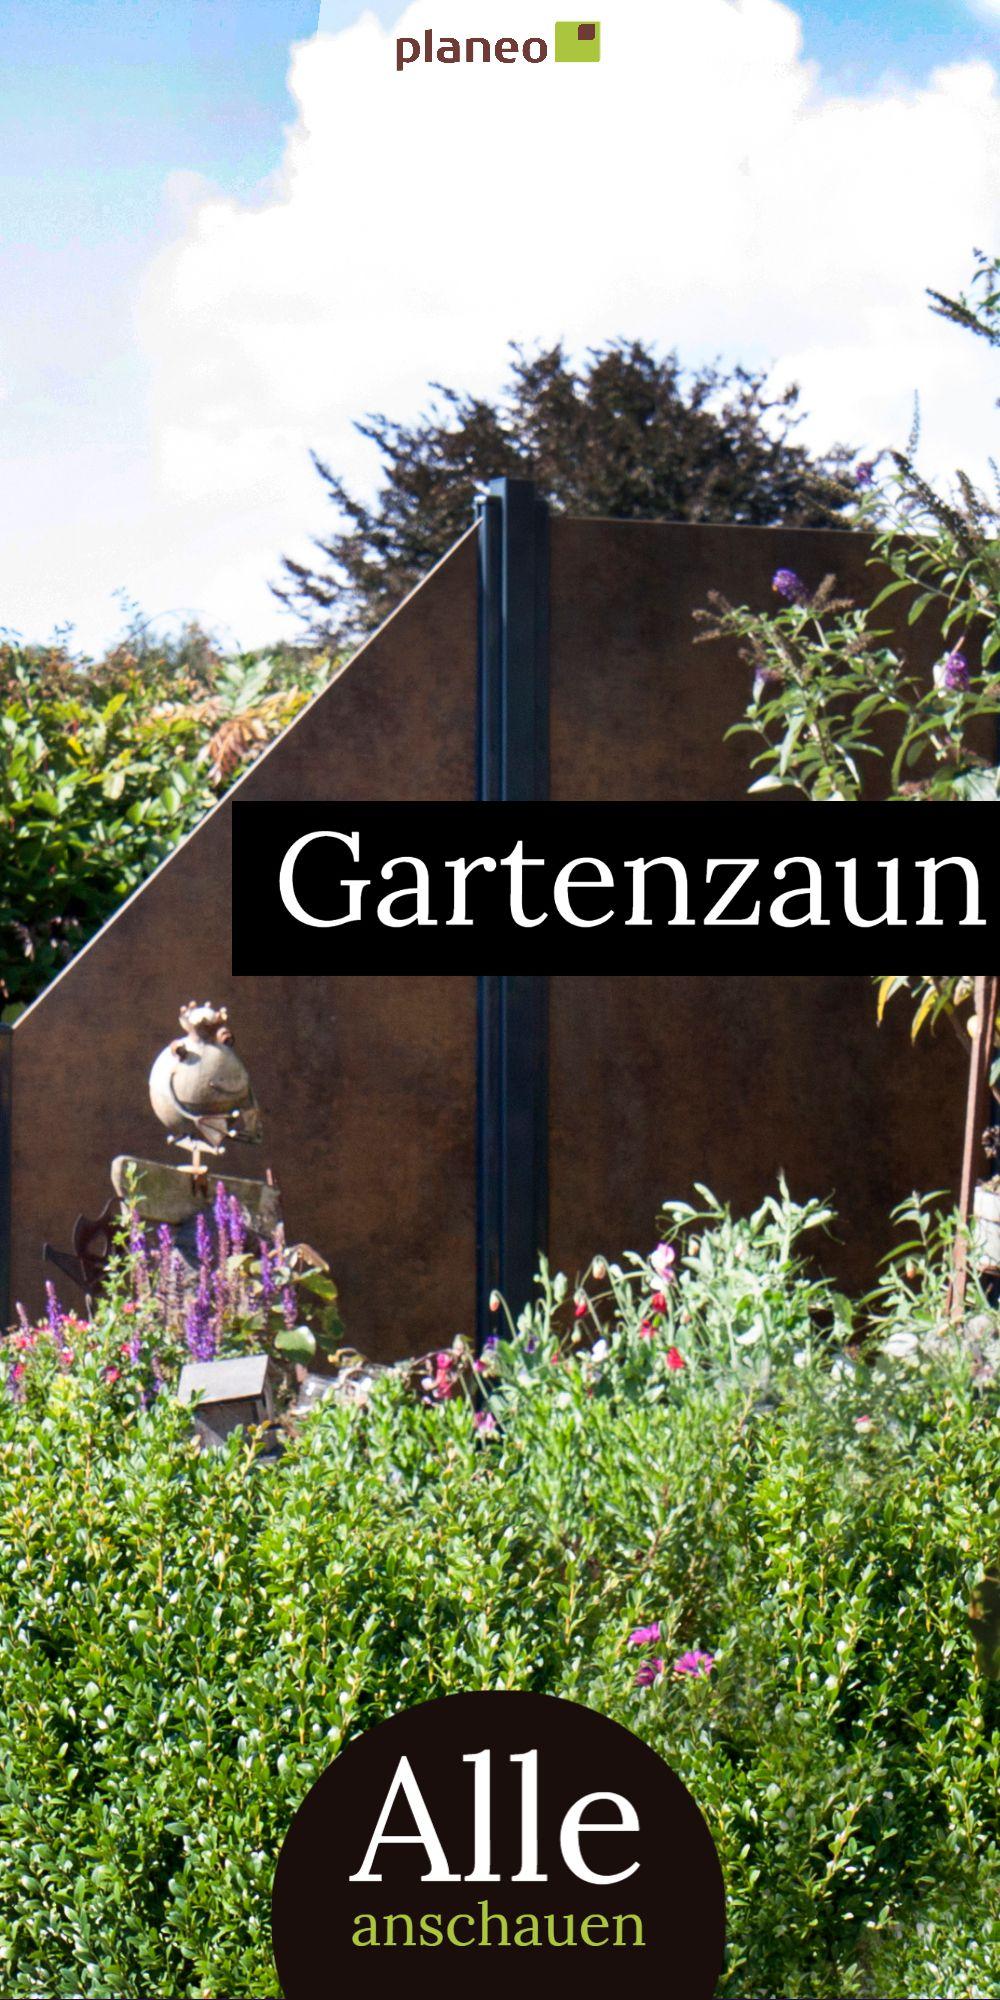 Gartenzaun Sichtschutzzaun Und Zaunelemente Aus Metall Wpc Hpl